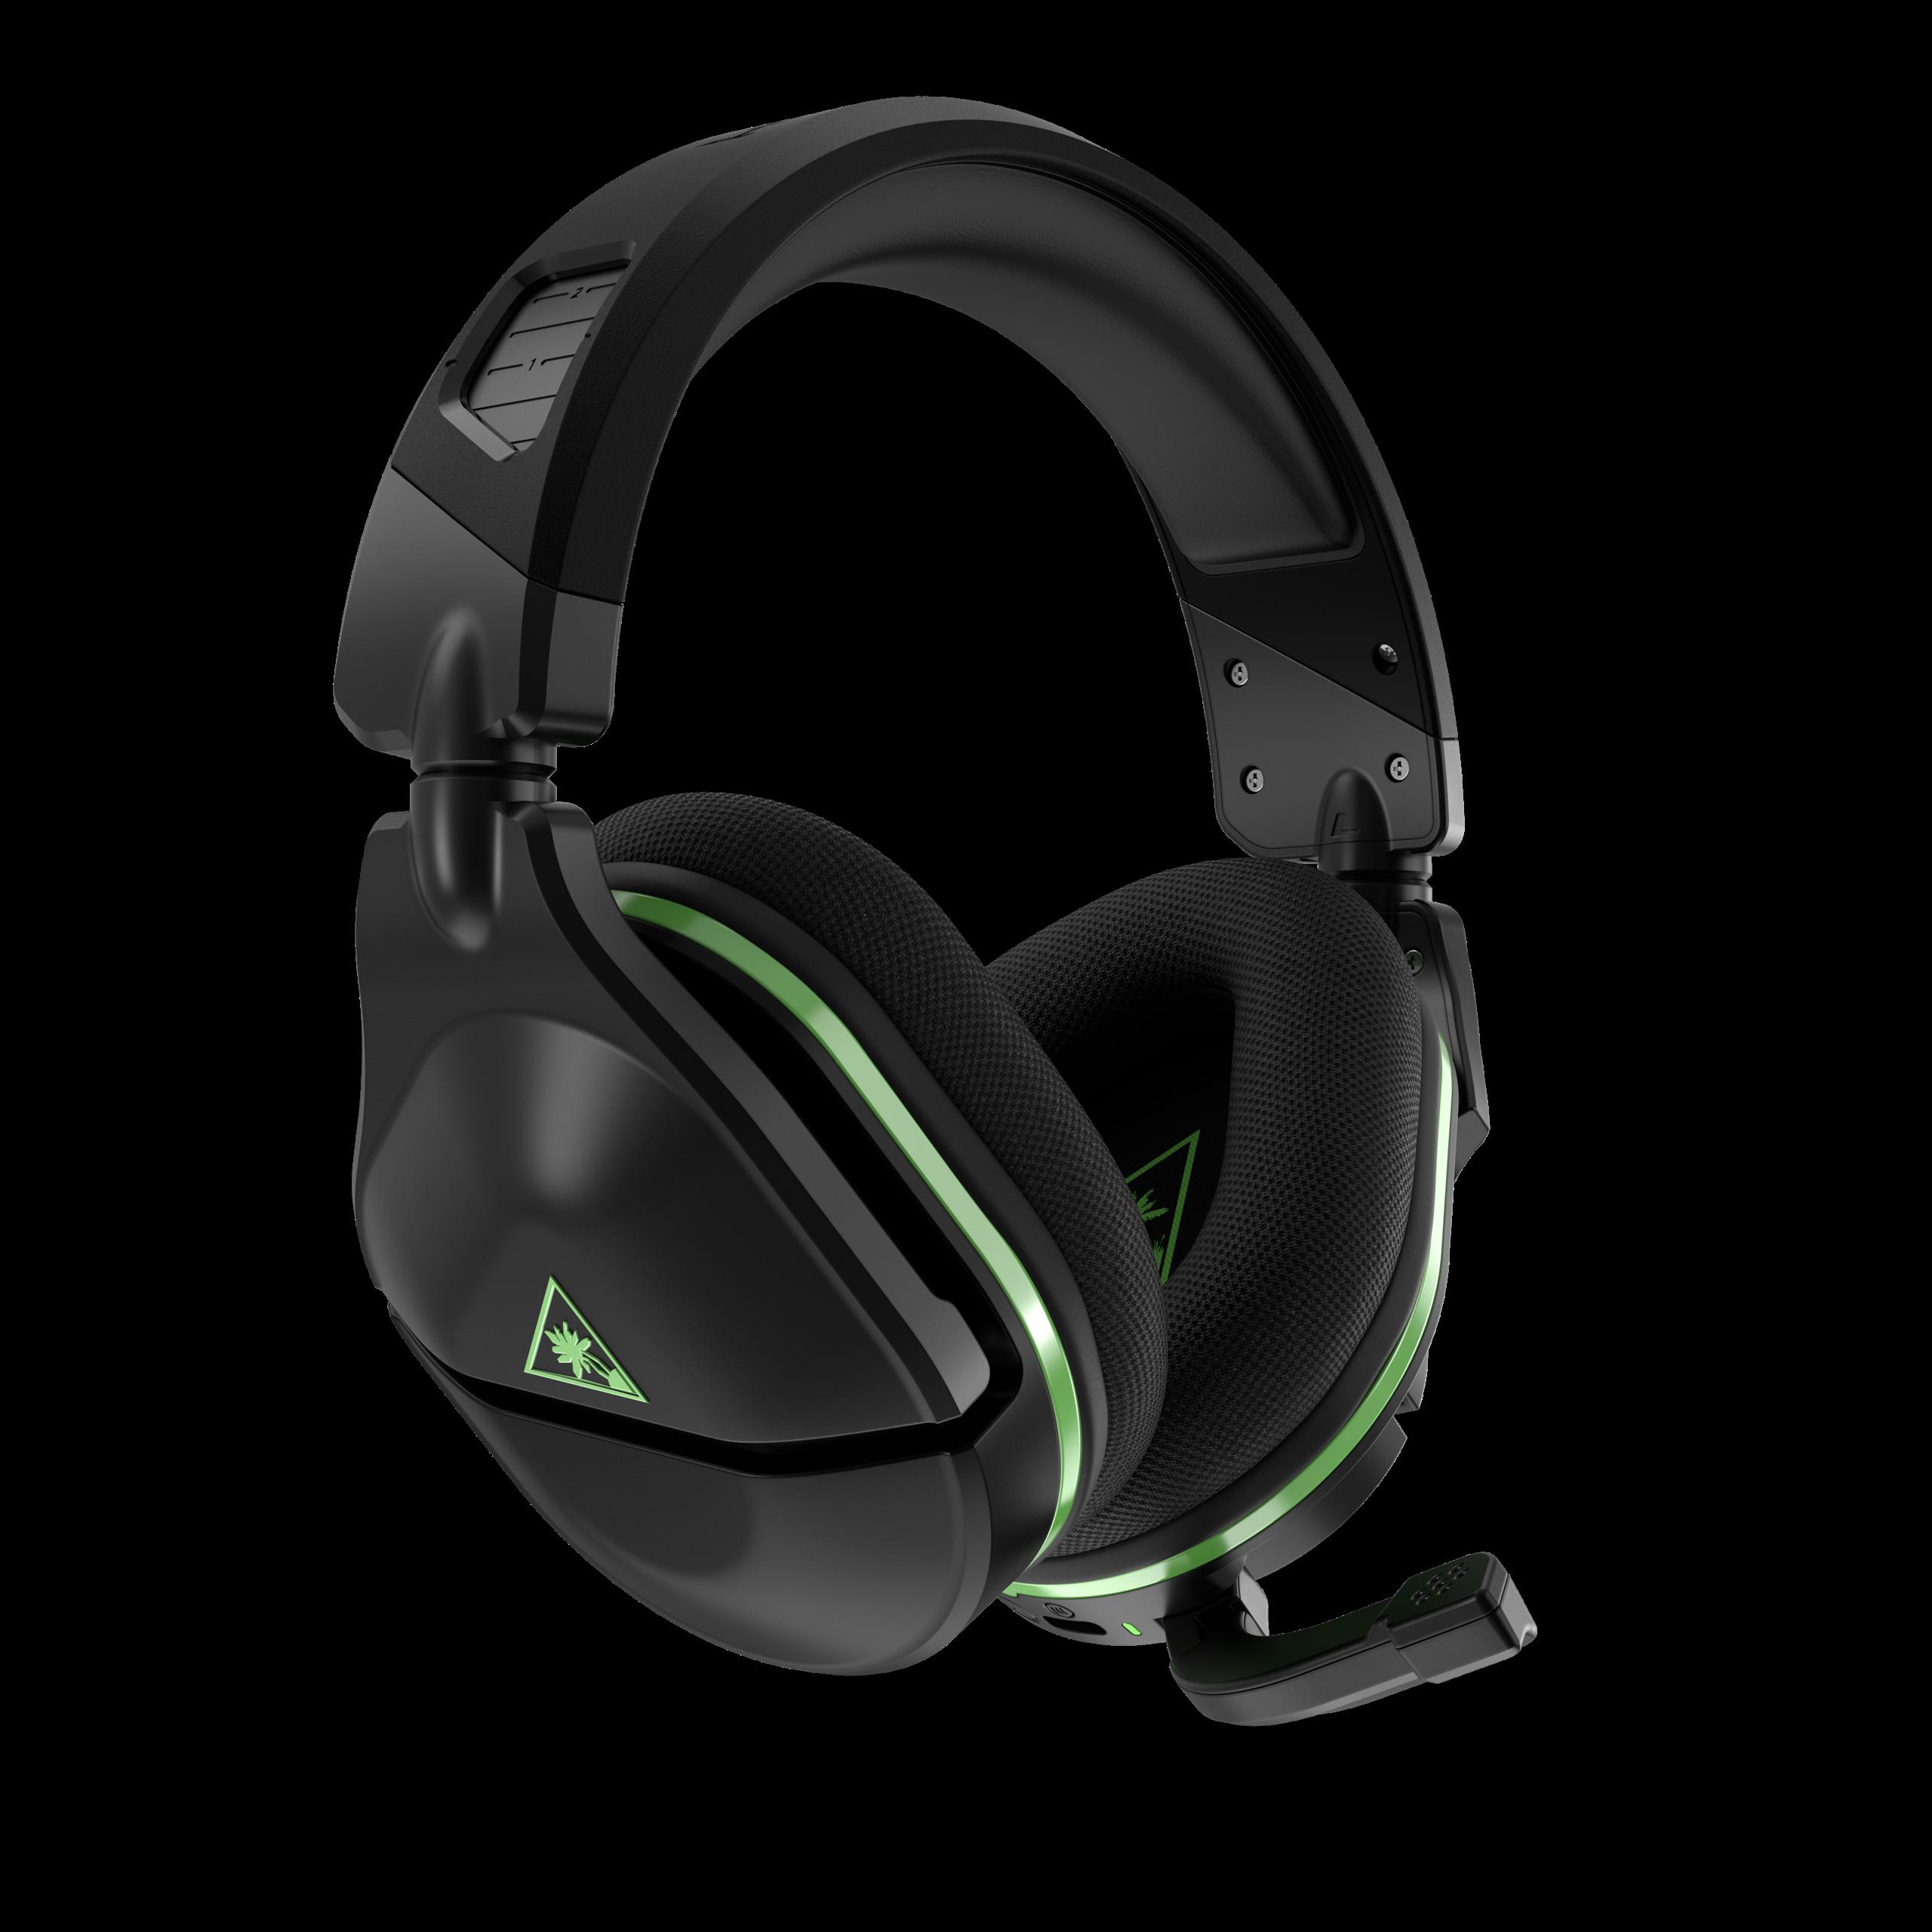 Stealth 700 Gen 2 Headset - Xbox